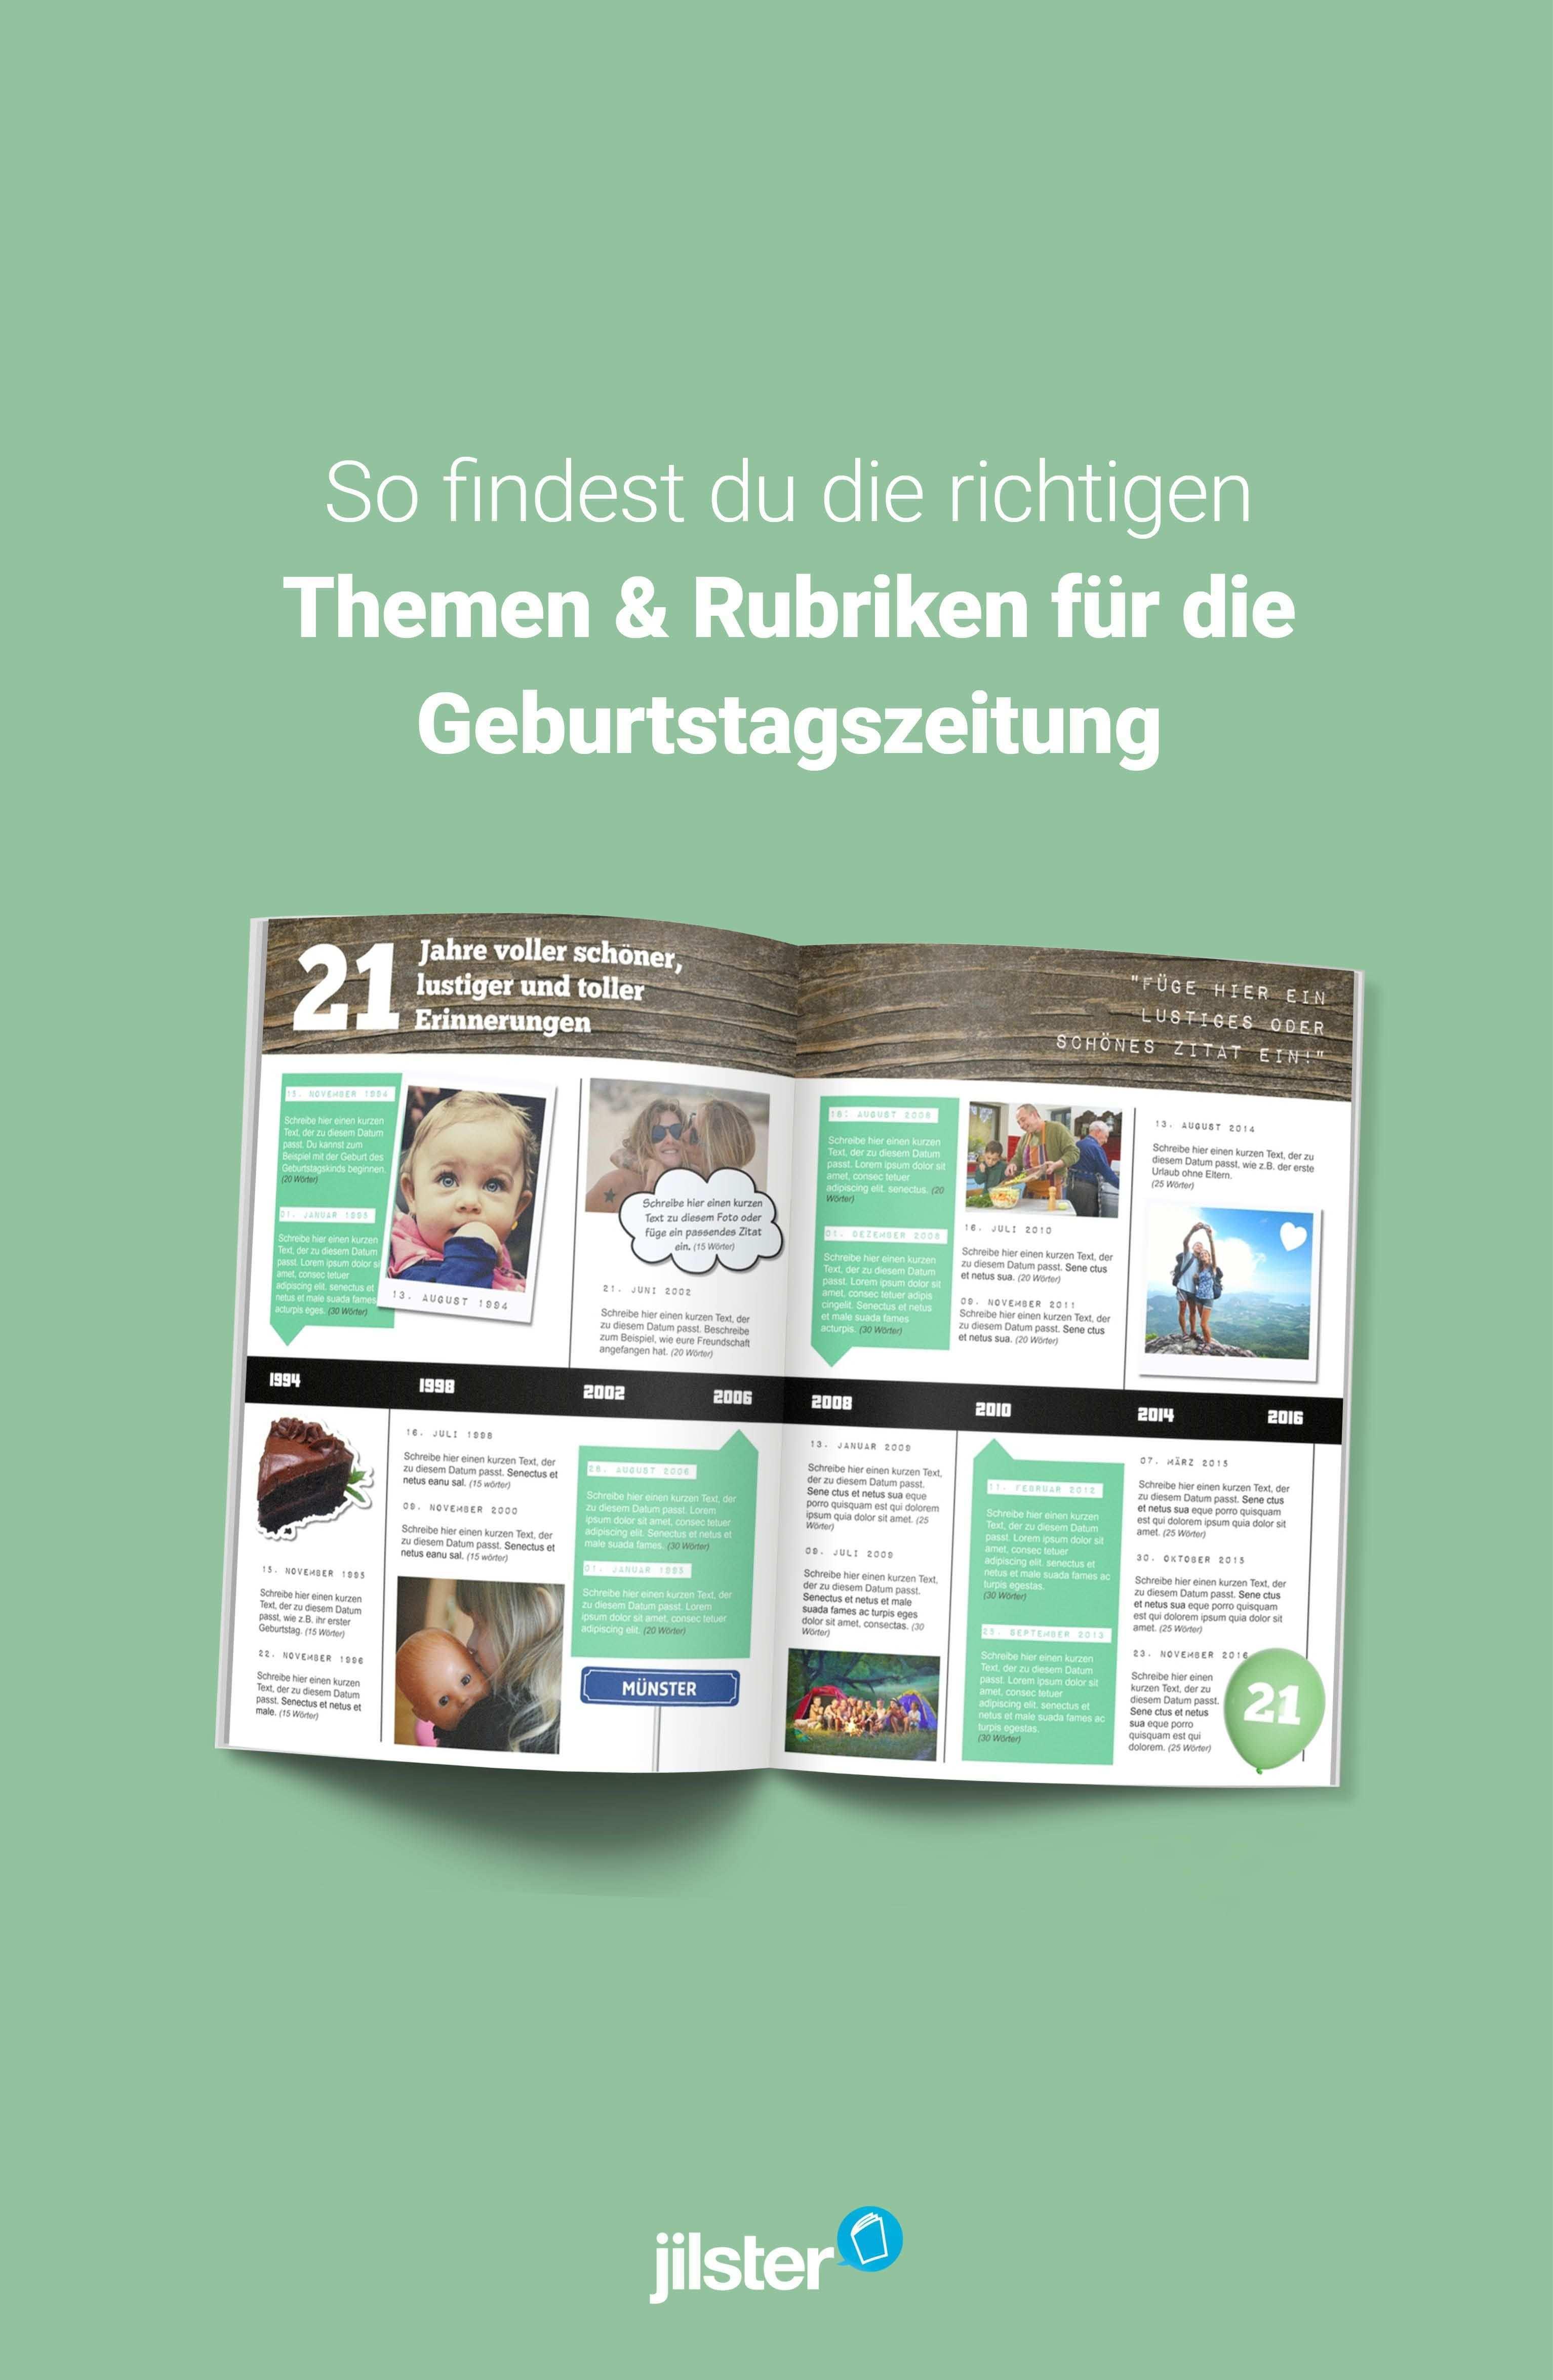 Passende Artikel Fur Die Geburtstagszeitung Schreiben Jilster Blog Geburtstagszeitung Geburtstagsbuch Geburt